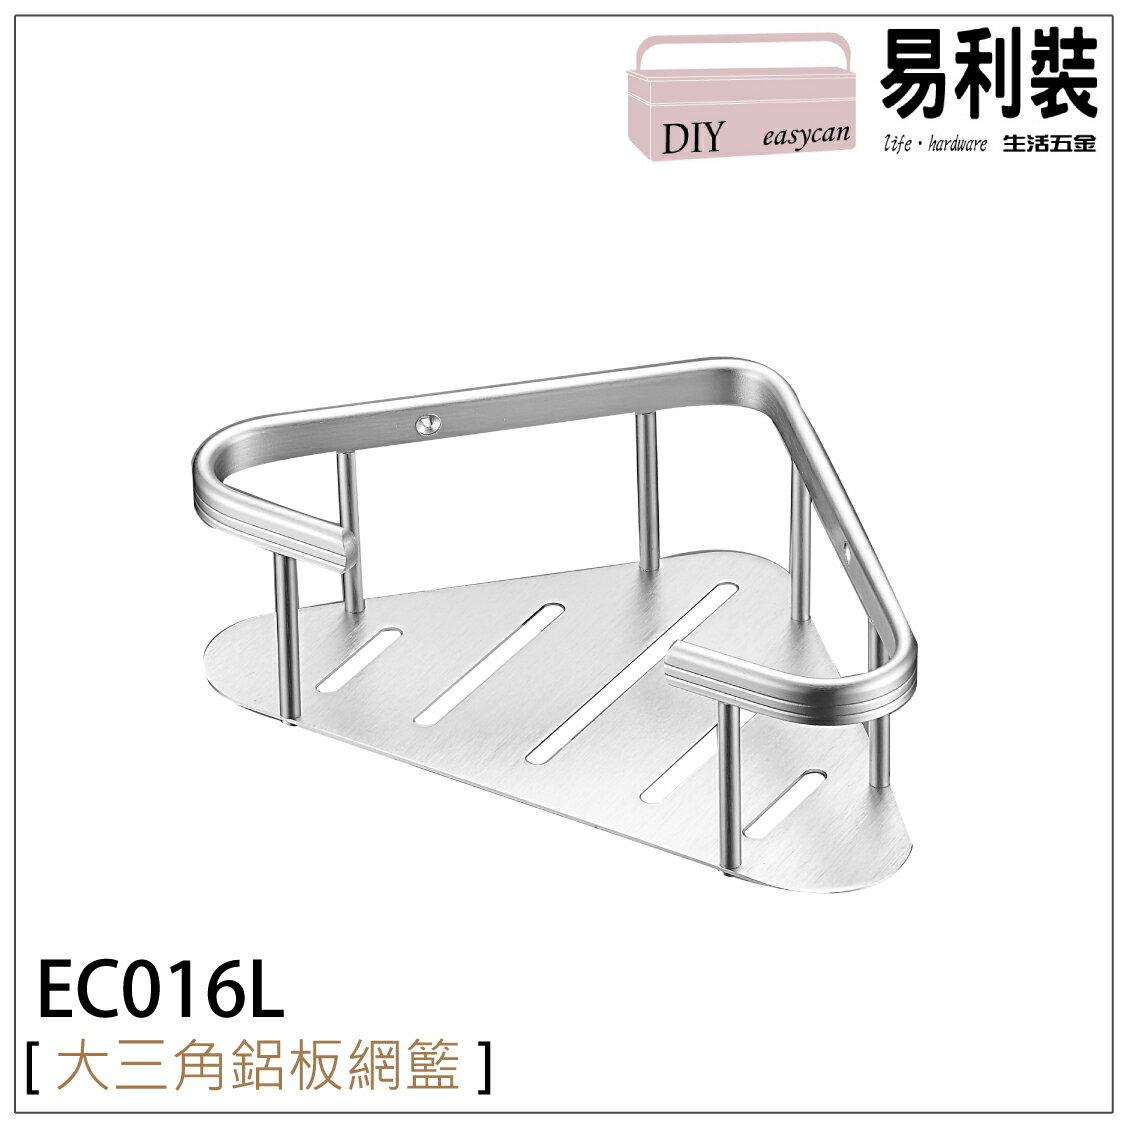 【 EASYCAN  】EC016L 大三角鋁板網籃 易利裝生活五金 鋁合金 置物架 收納架 轉角架 廚房 餐廳 房間 浴室 小資族